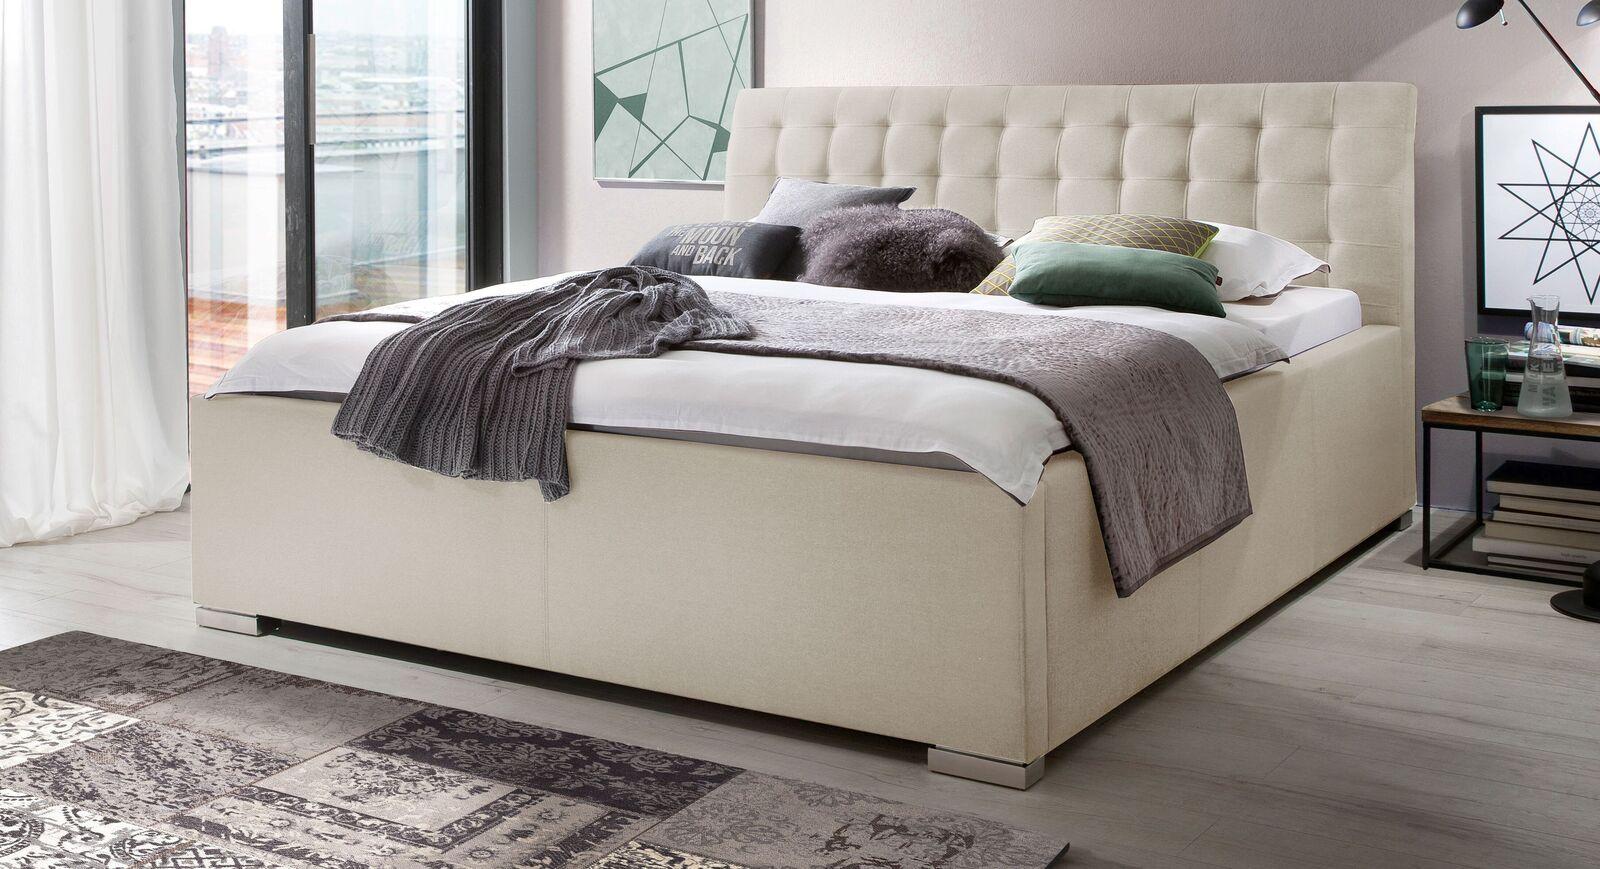 Bett Setiara mit beigem Stoffbezug